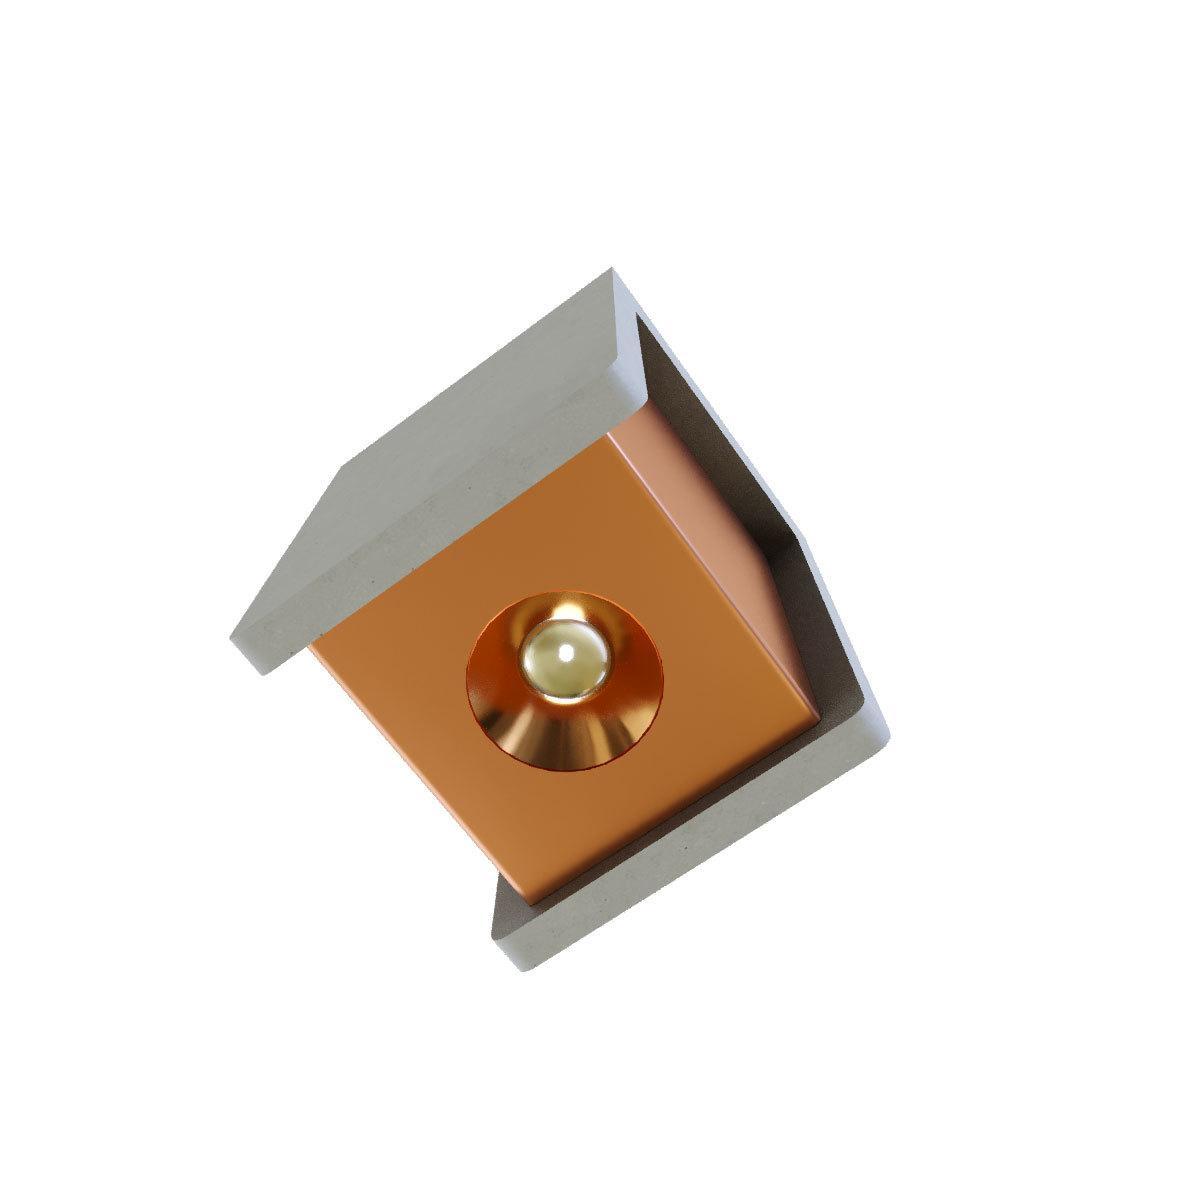 Потолочный светодиодный светильник Loft It Architect OL1073-GG, LED 6W 3000K 260lm, серый с золотом, бетон с металлом - фото 2